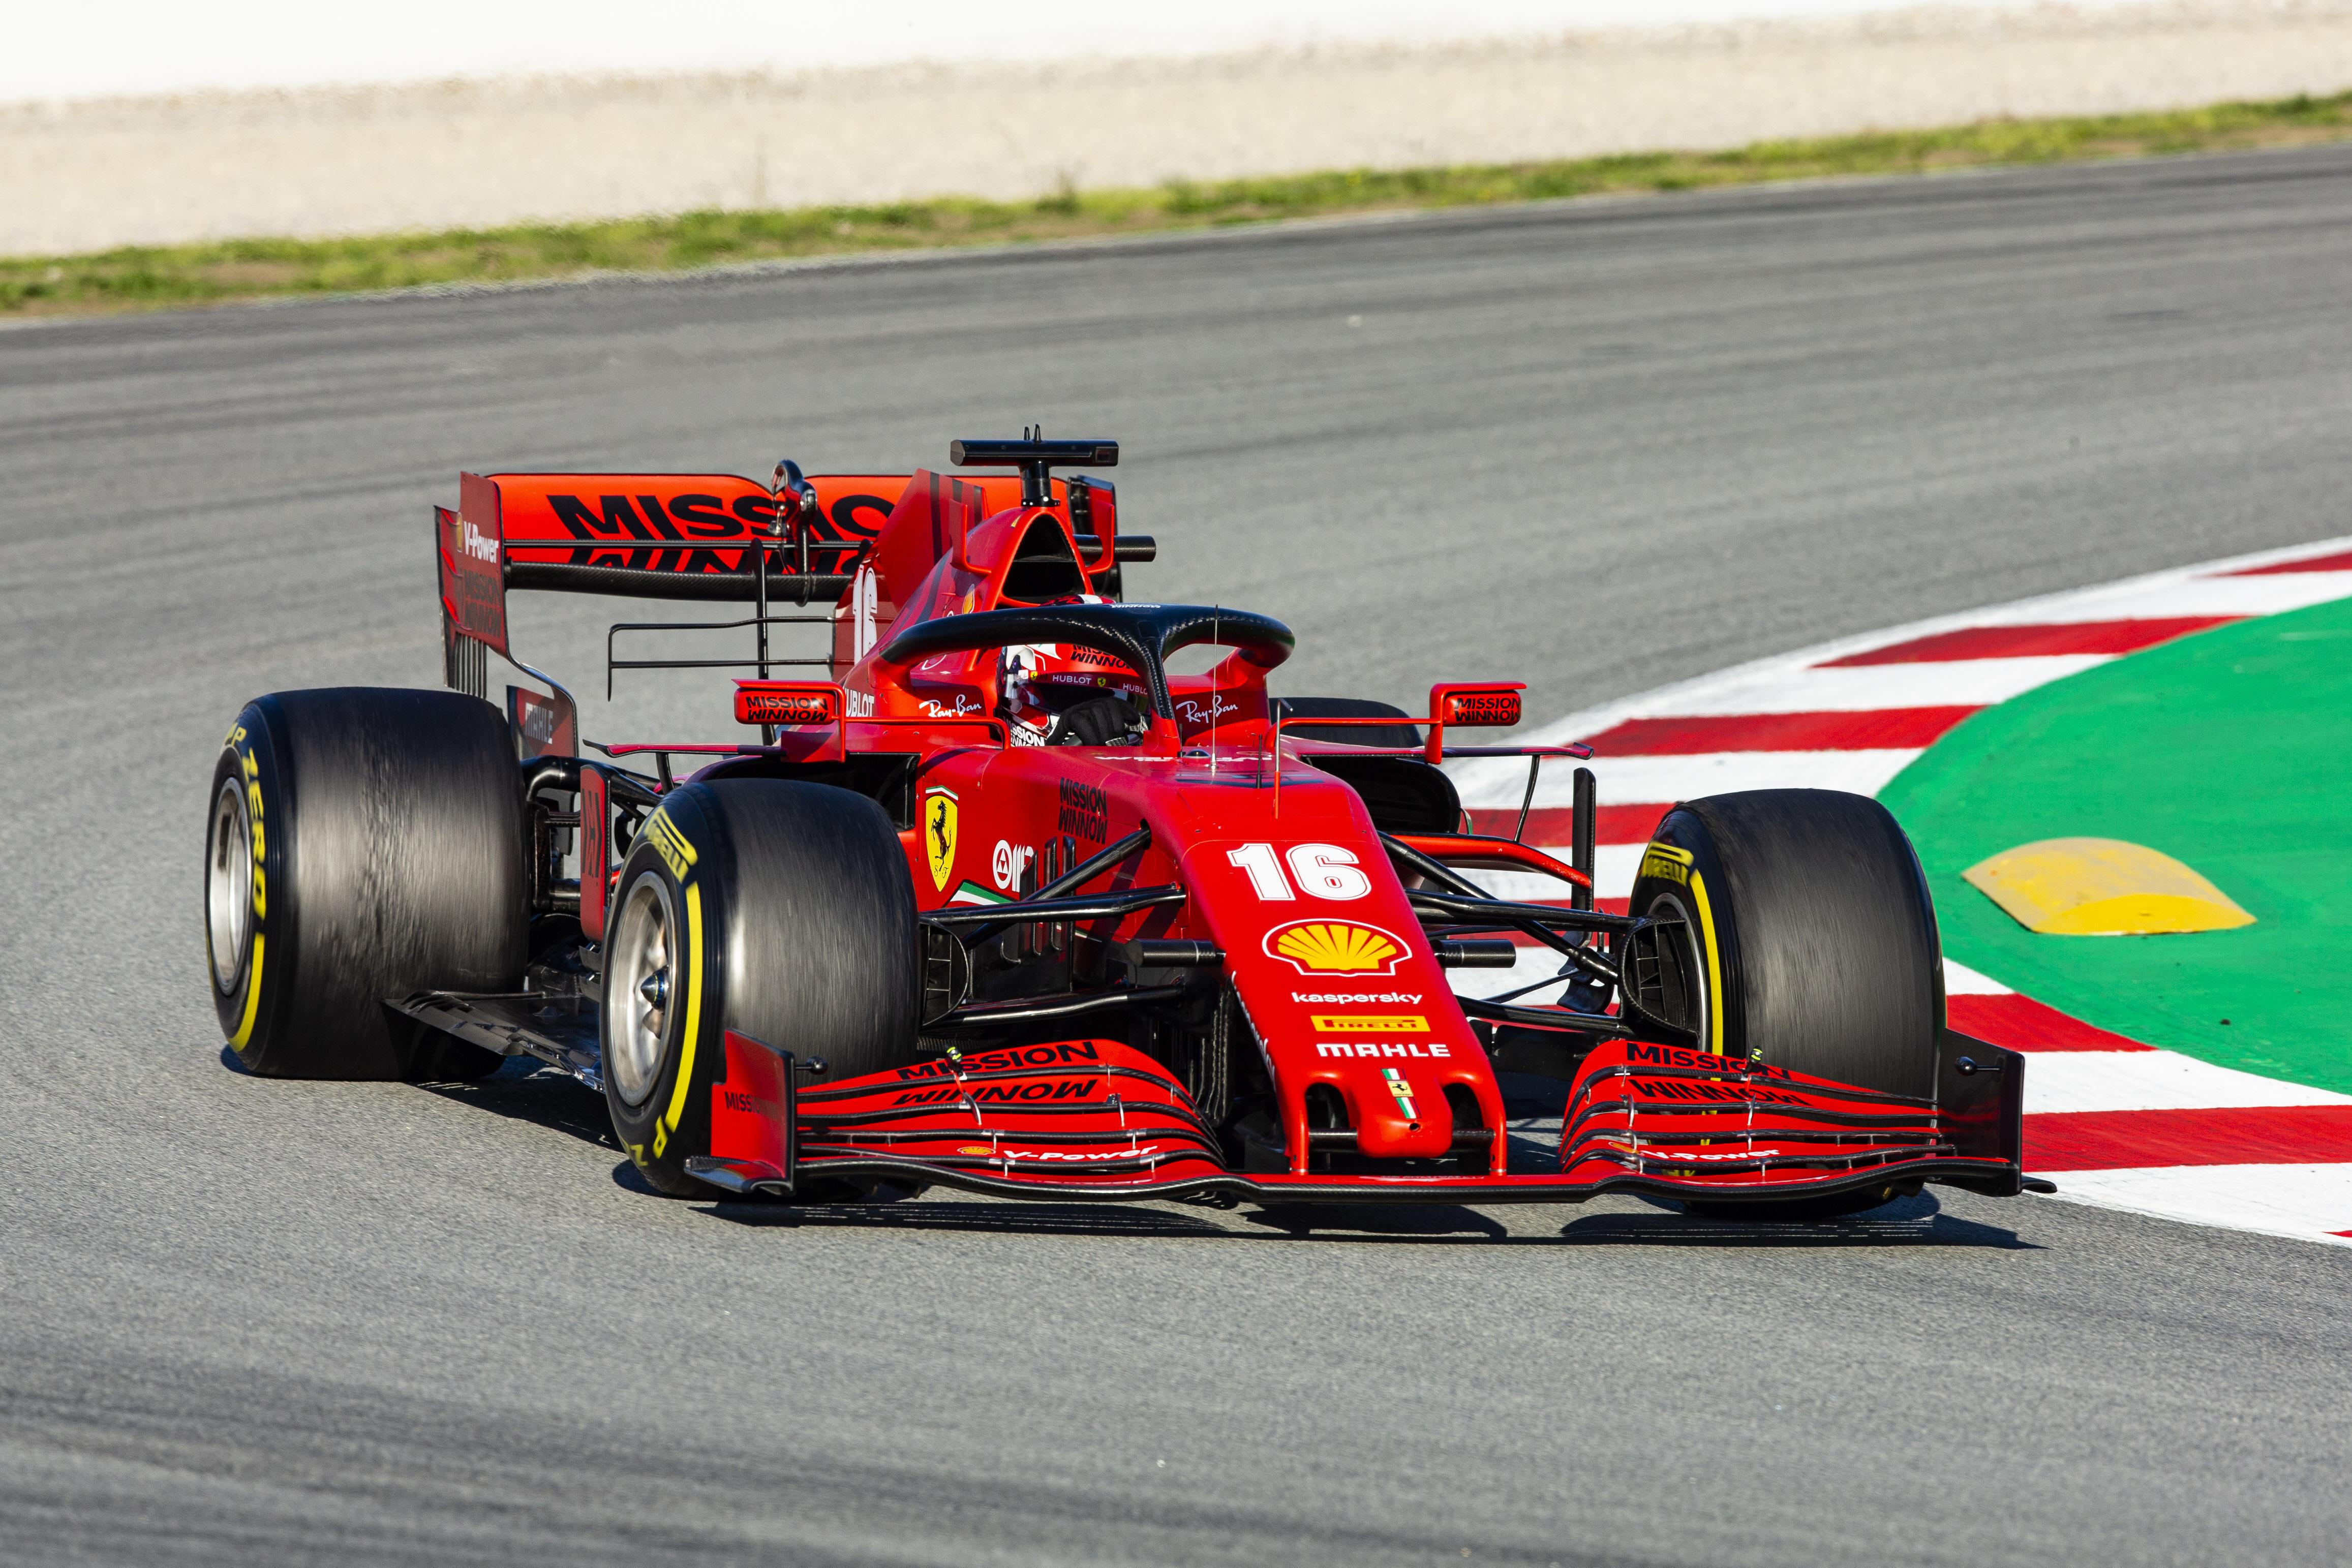 Leclerc: Ha az első versenyen le leszünk maradva, fel fogunk zárkózni